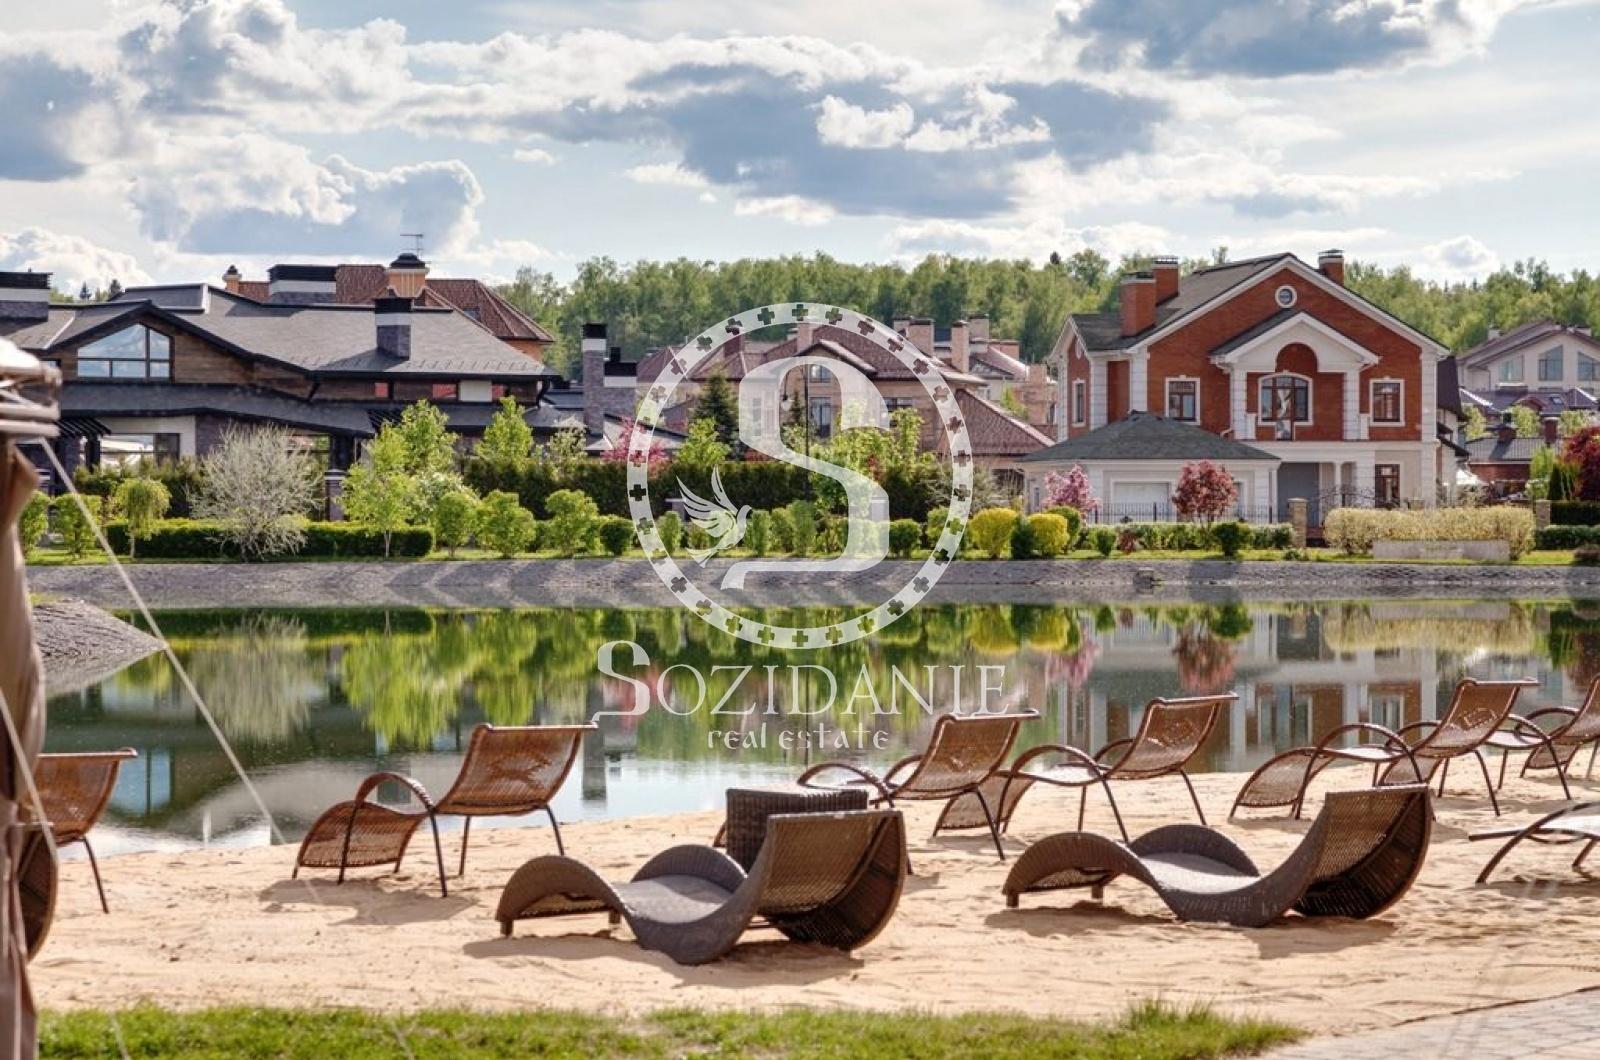 5 Bedrooms, Загородная, Продажа, Listing ID 1396, Московская область, Россия,